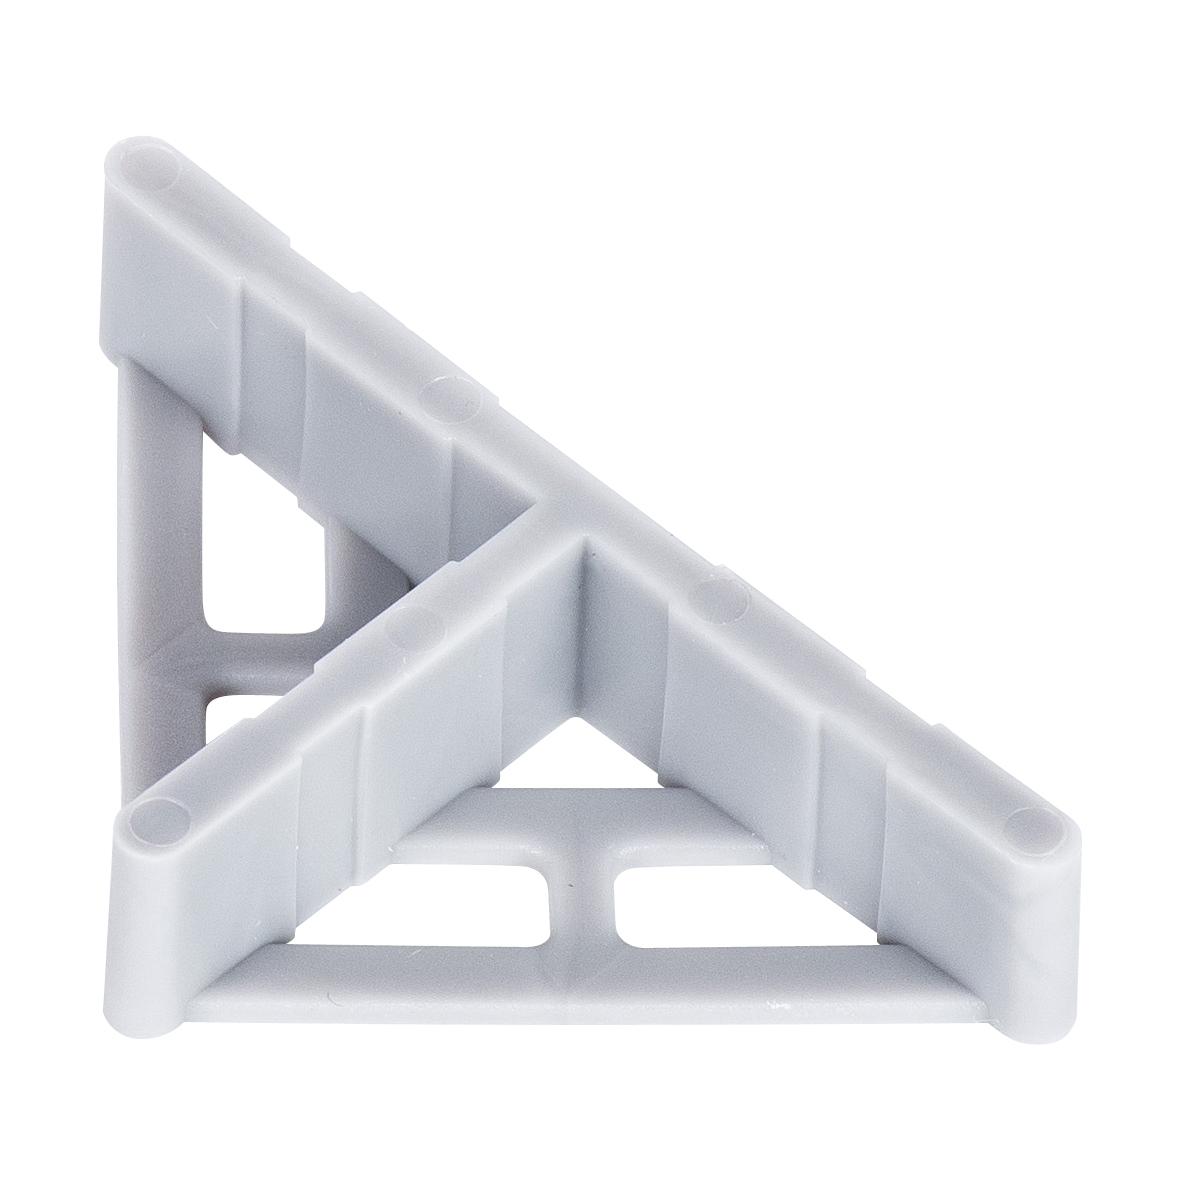 Galletti Bentivoglio Lavora Con Noi raimondi s.p.a. professional tile tools spacers for 20 mm